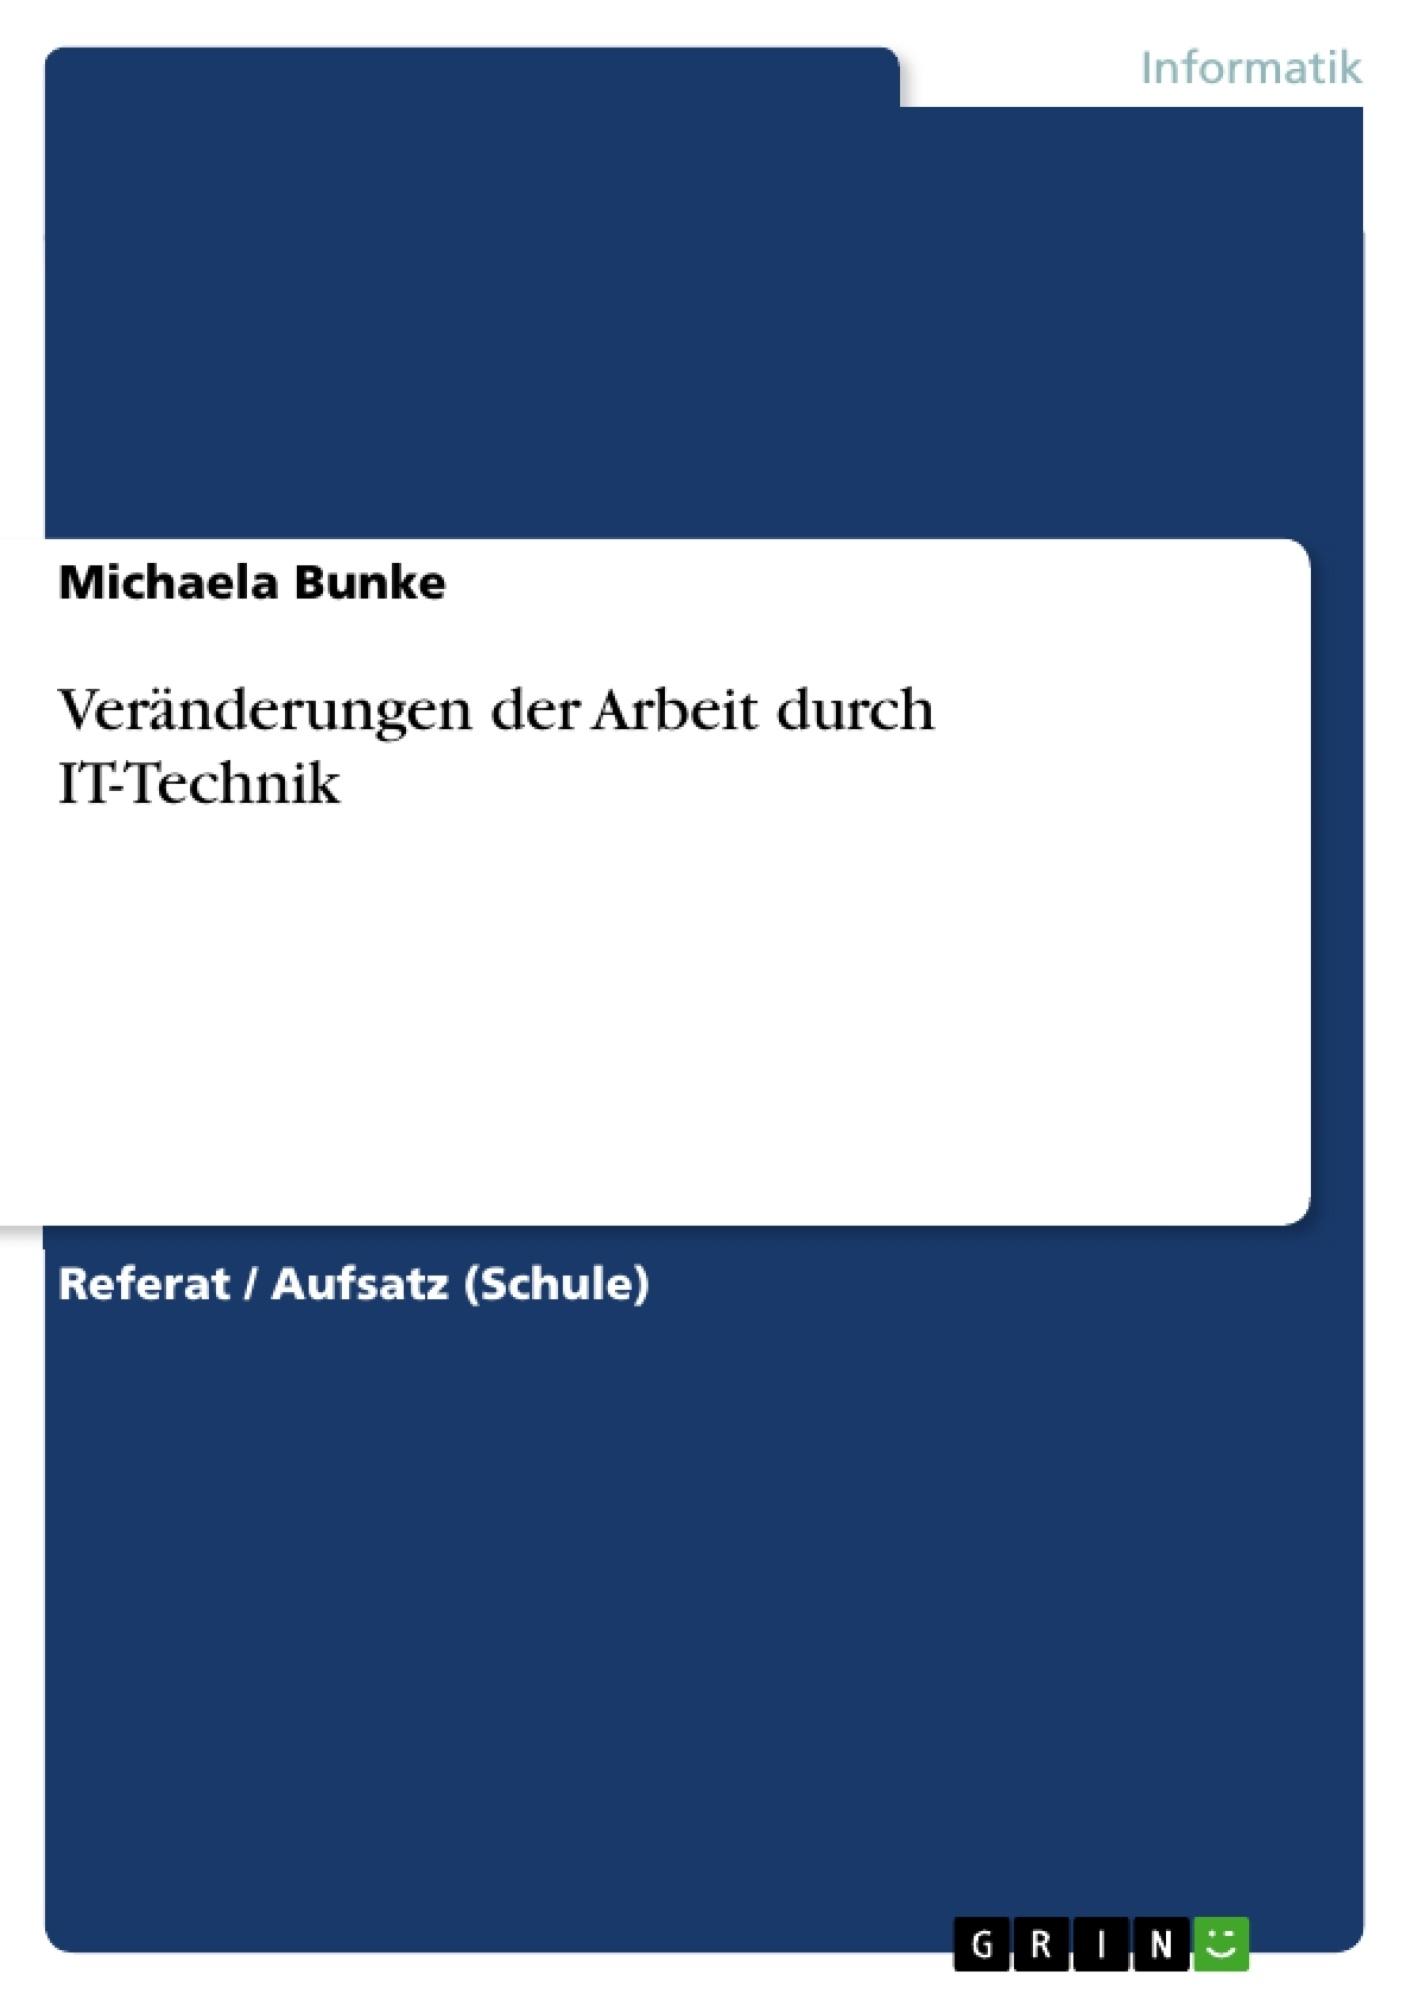 Titel: Veränderungen der Arbeit durch IT-Technik